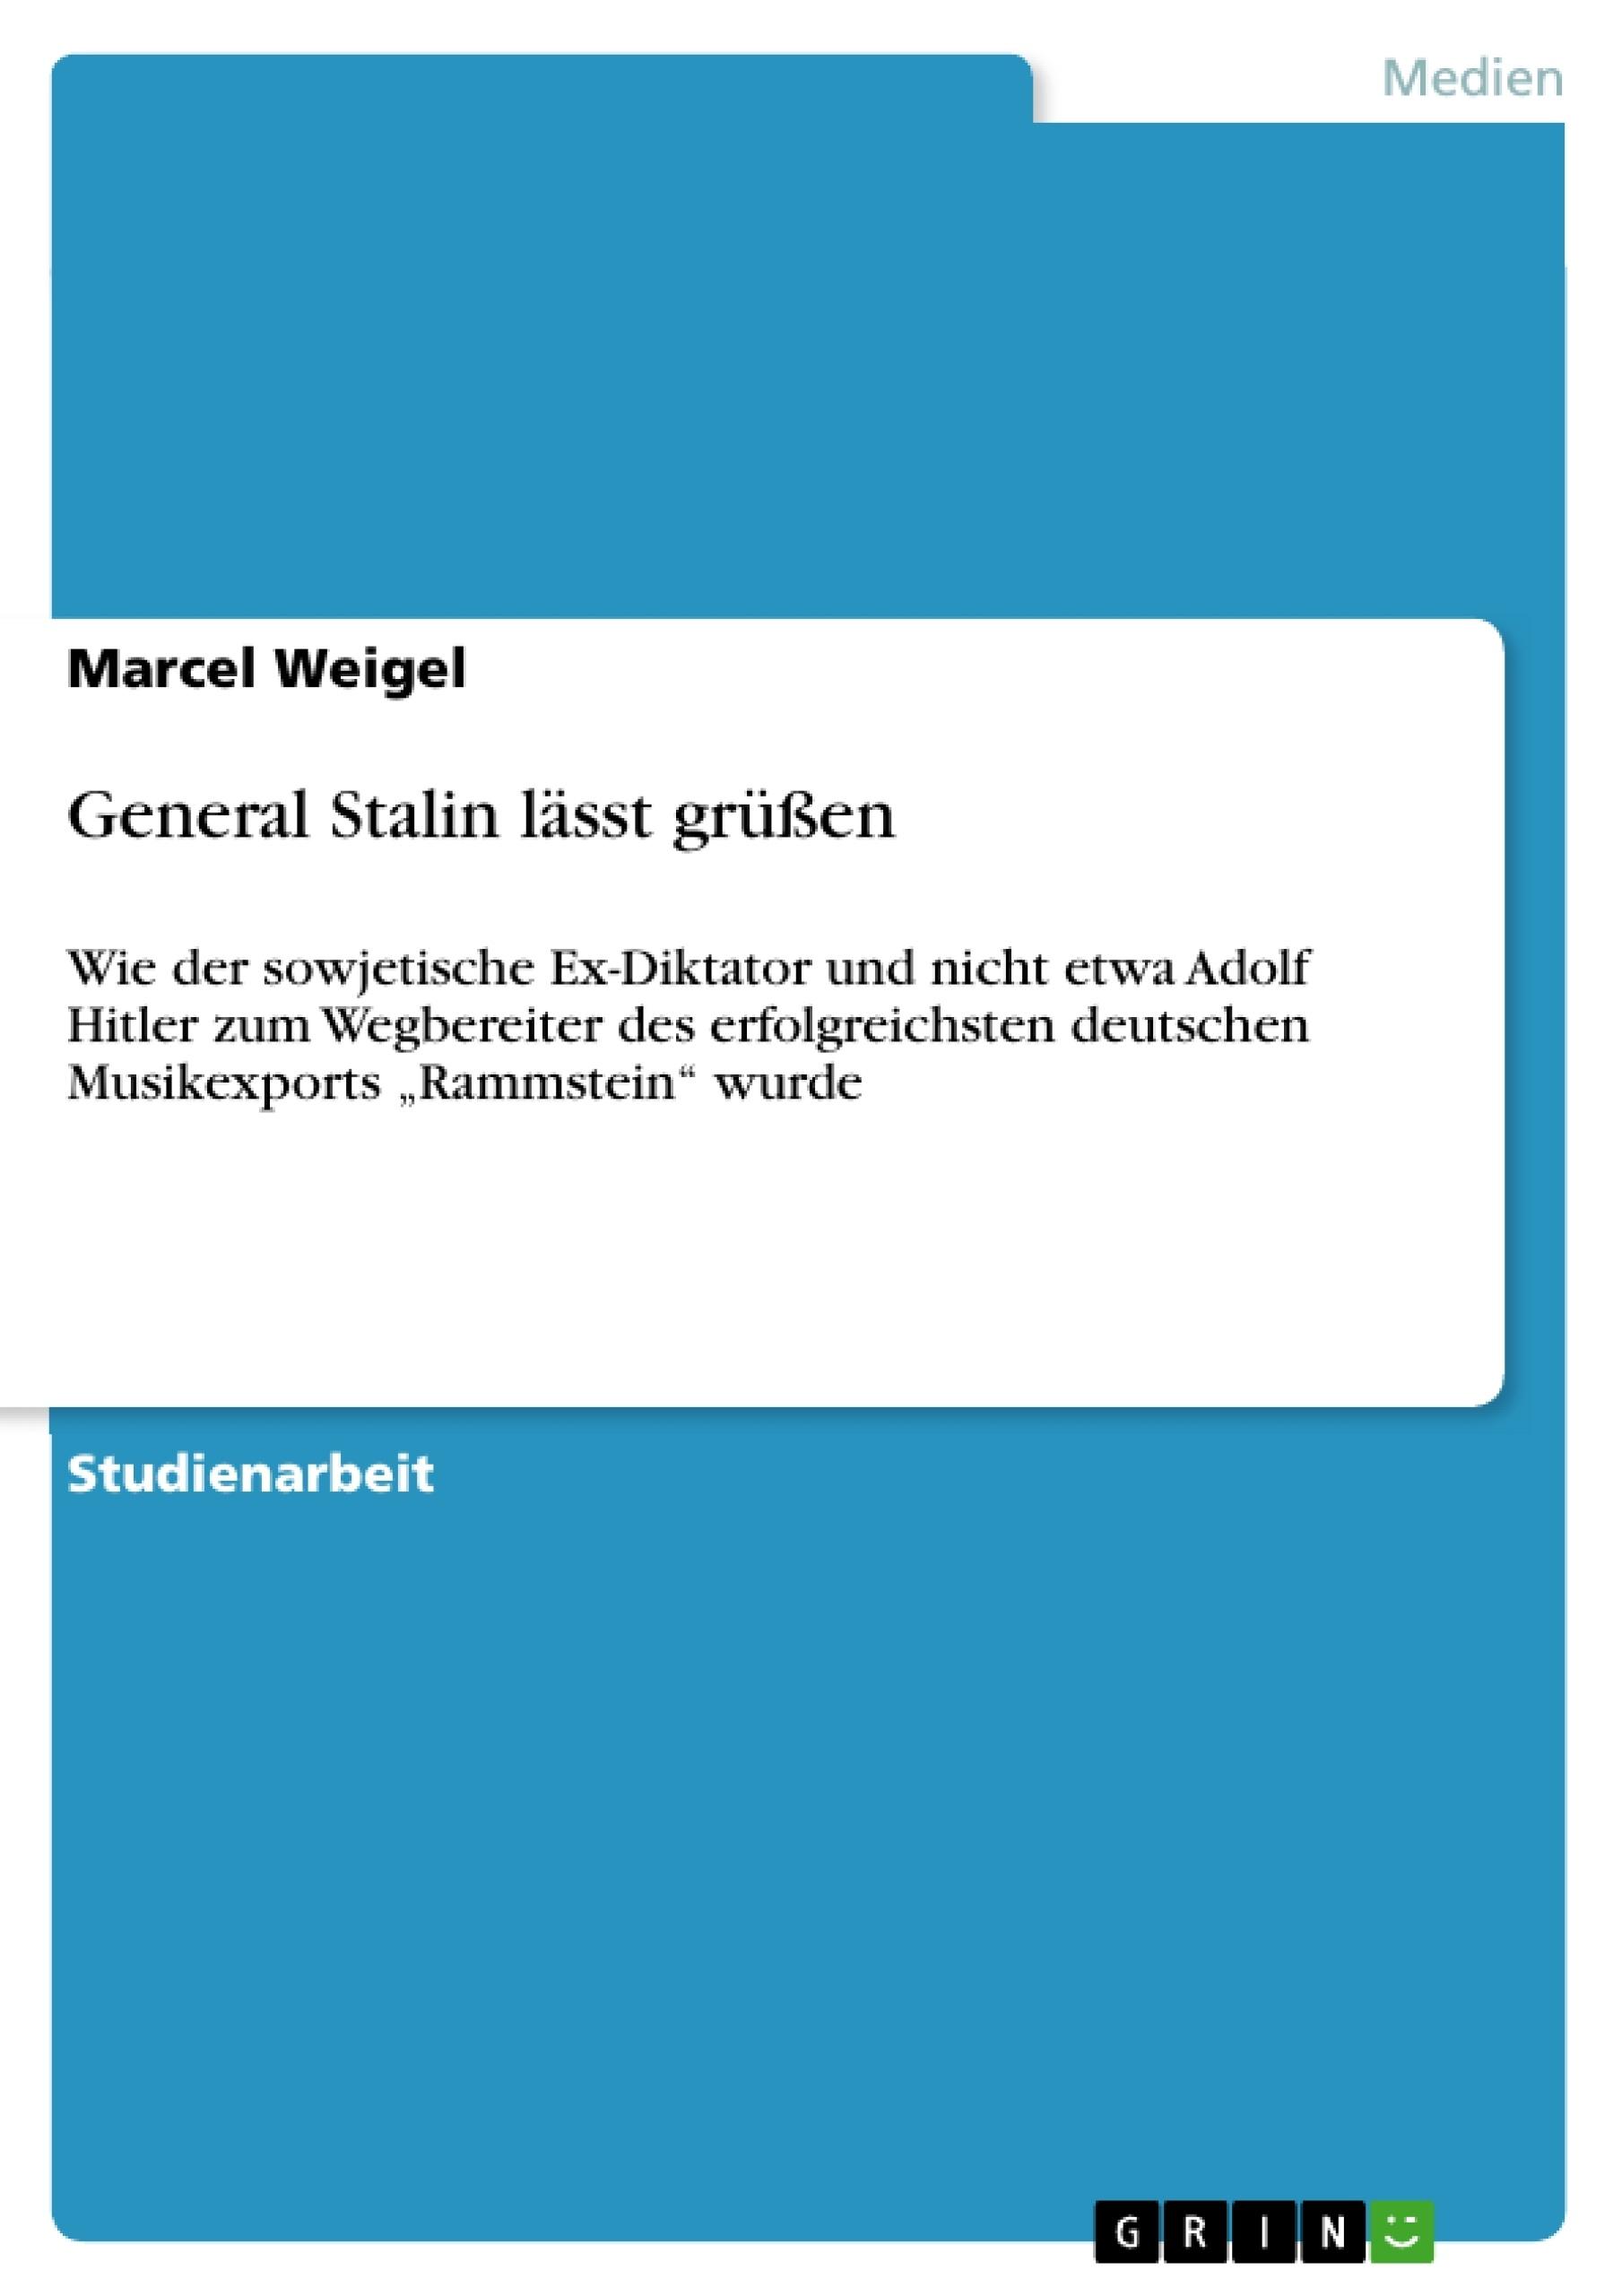 Titel: General Stalin lässt grüßen